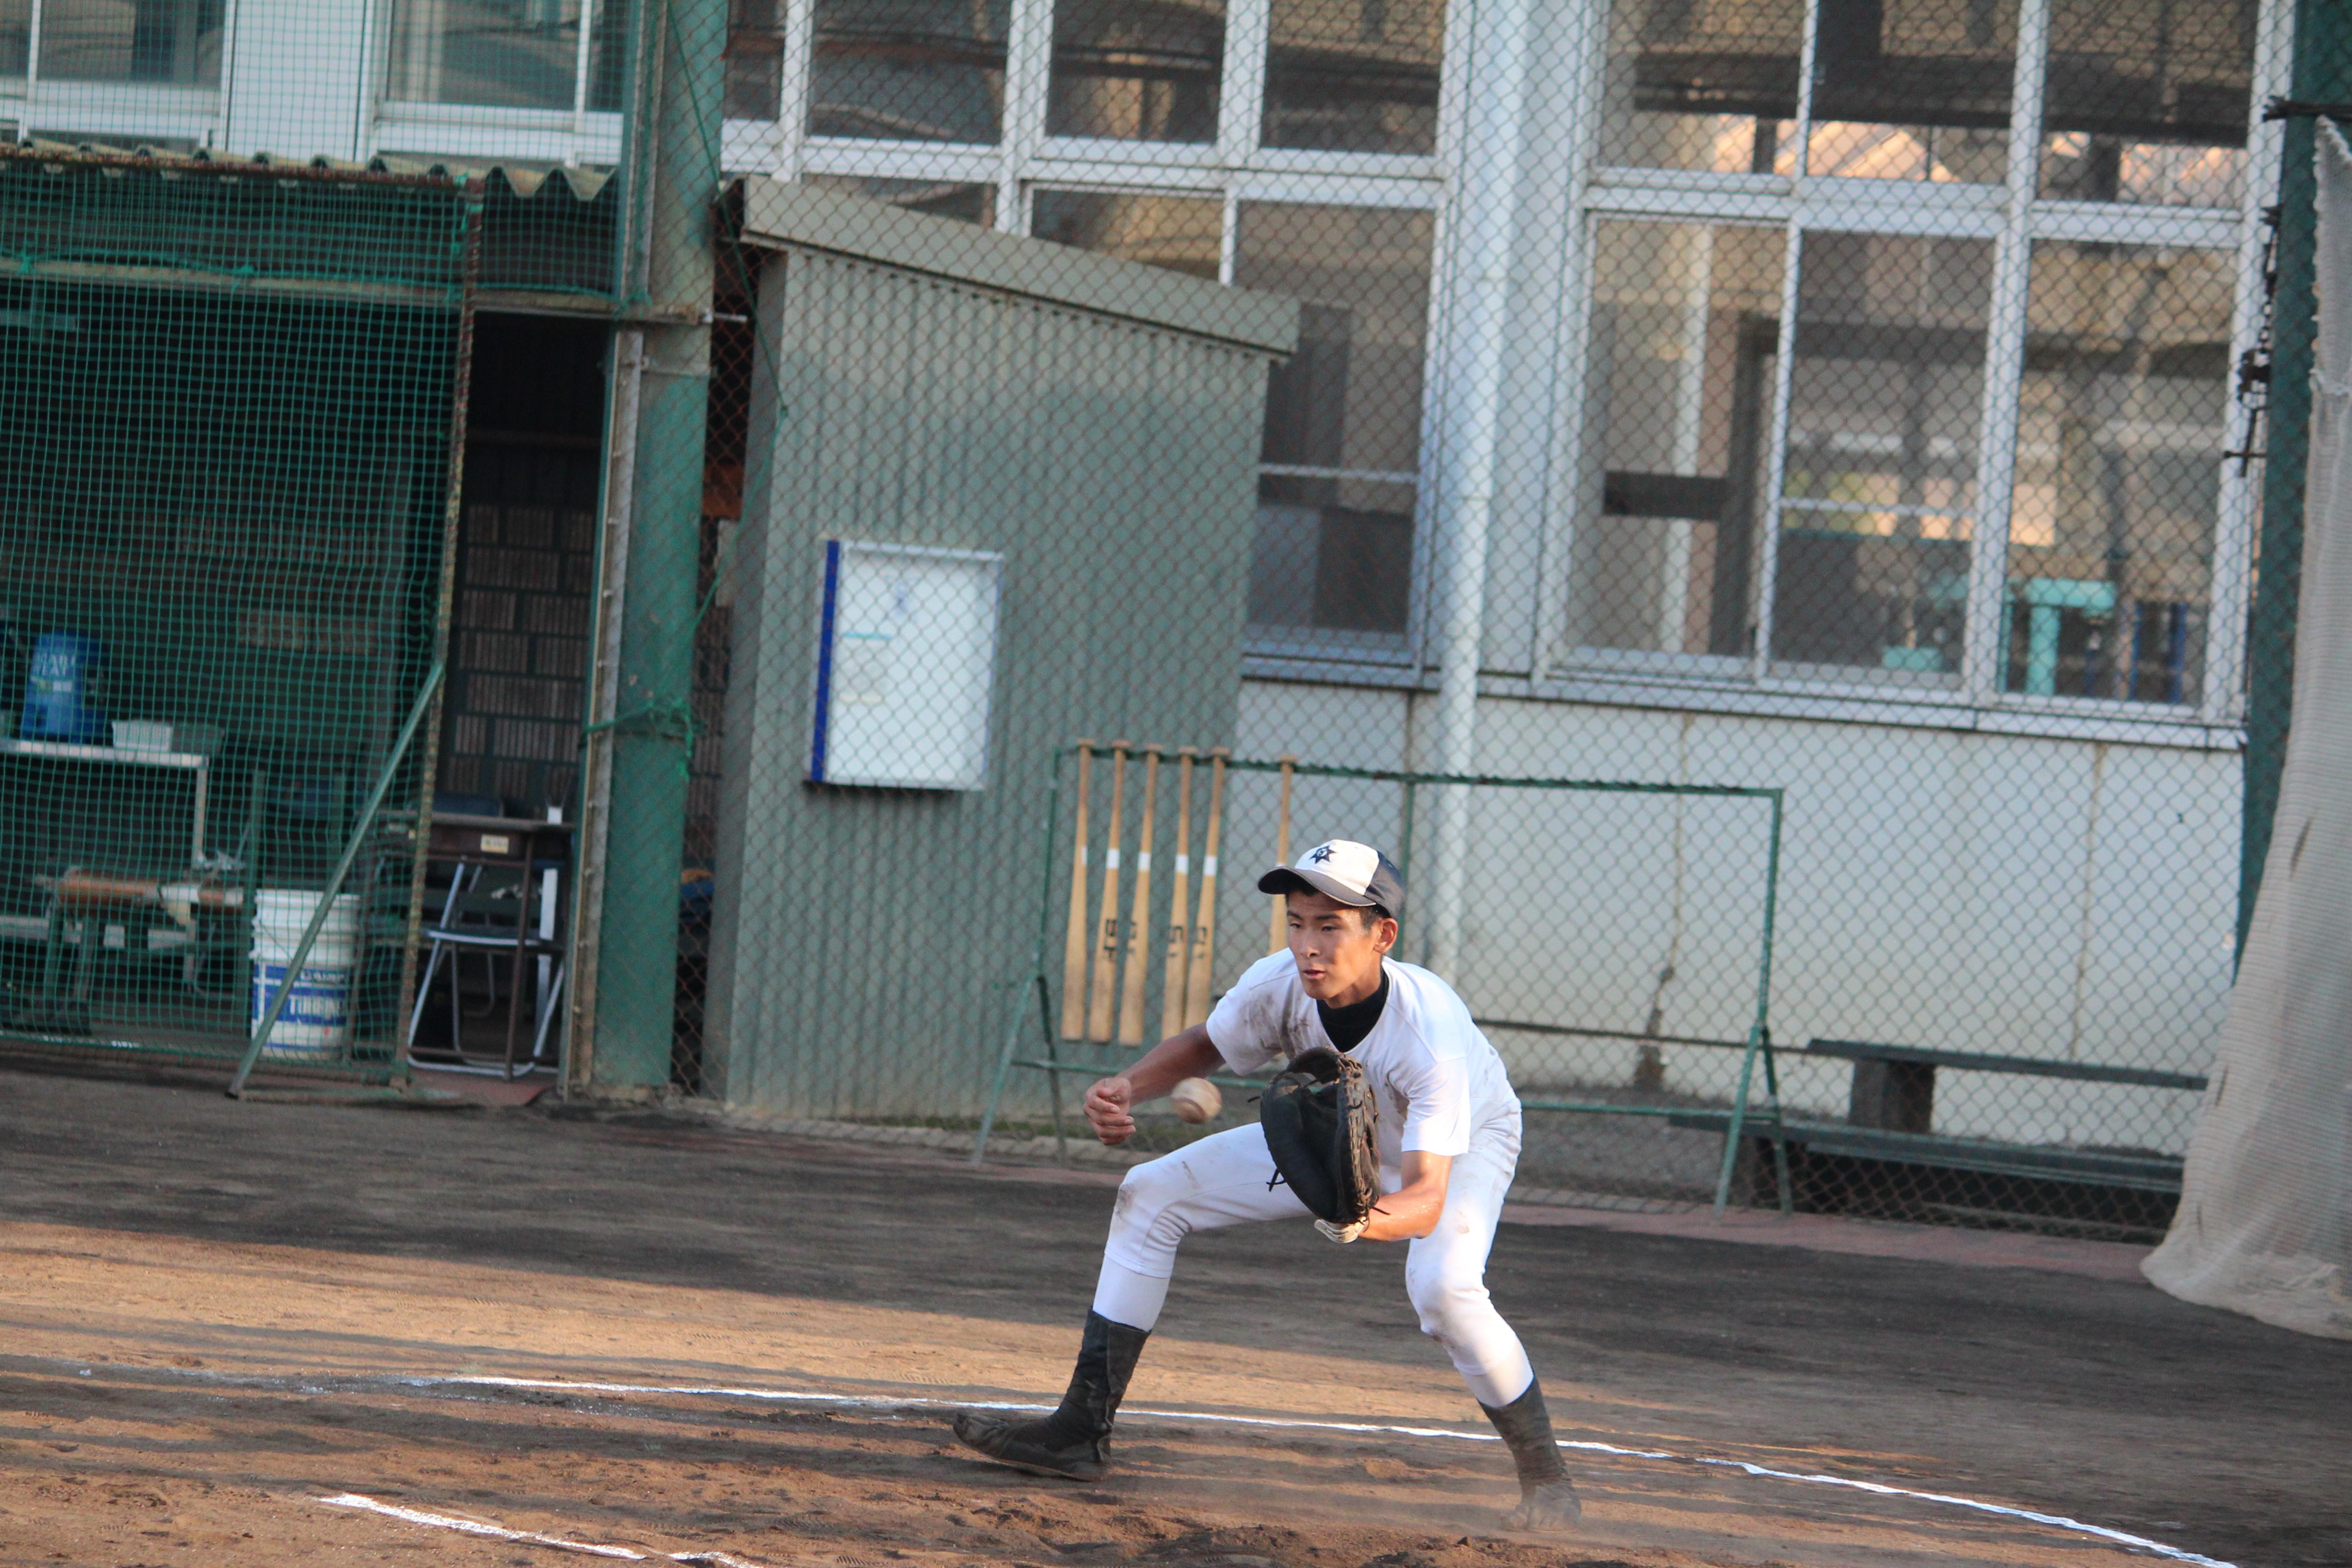 【焼津水産 野球部】サークルのボール回し